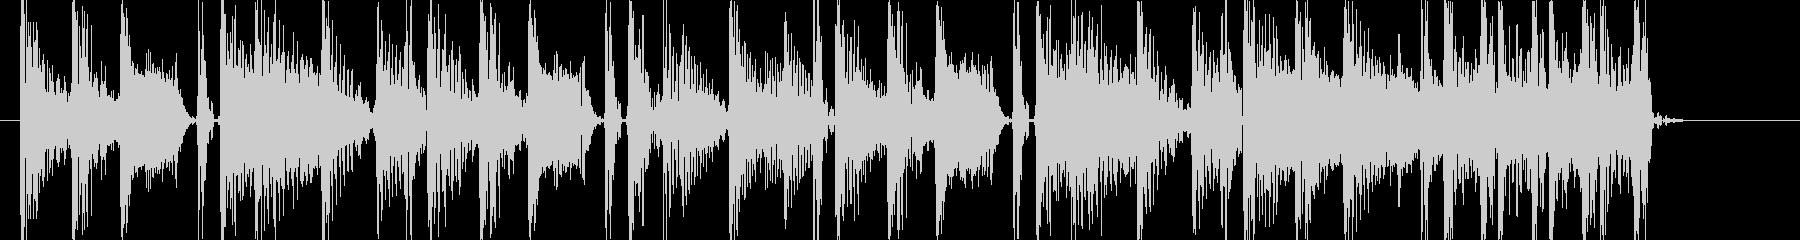 ローファイヒップホップなアイキャッチの未再生の波形